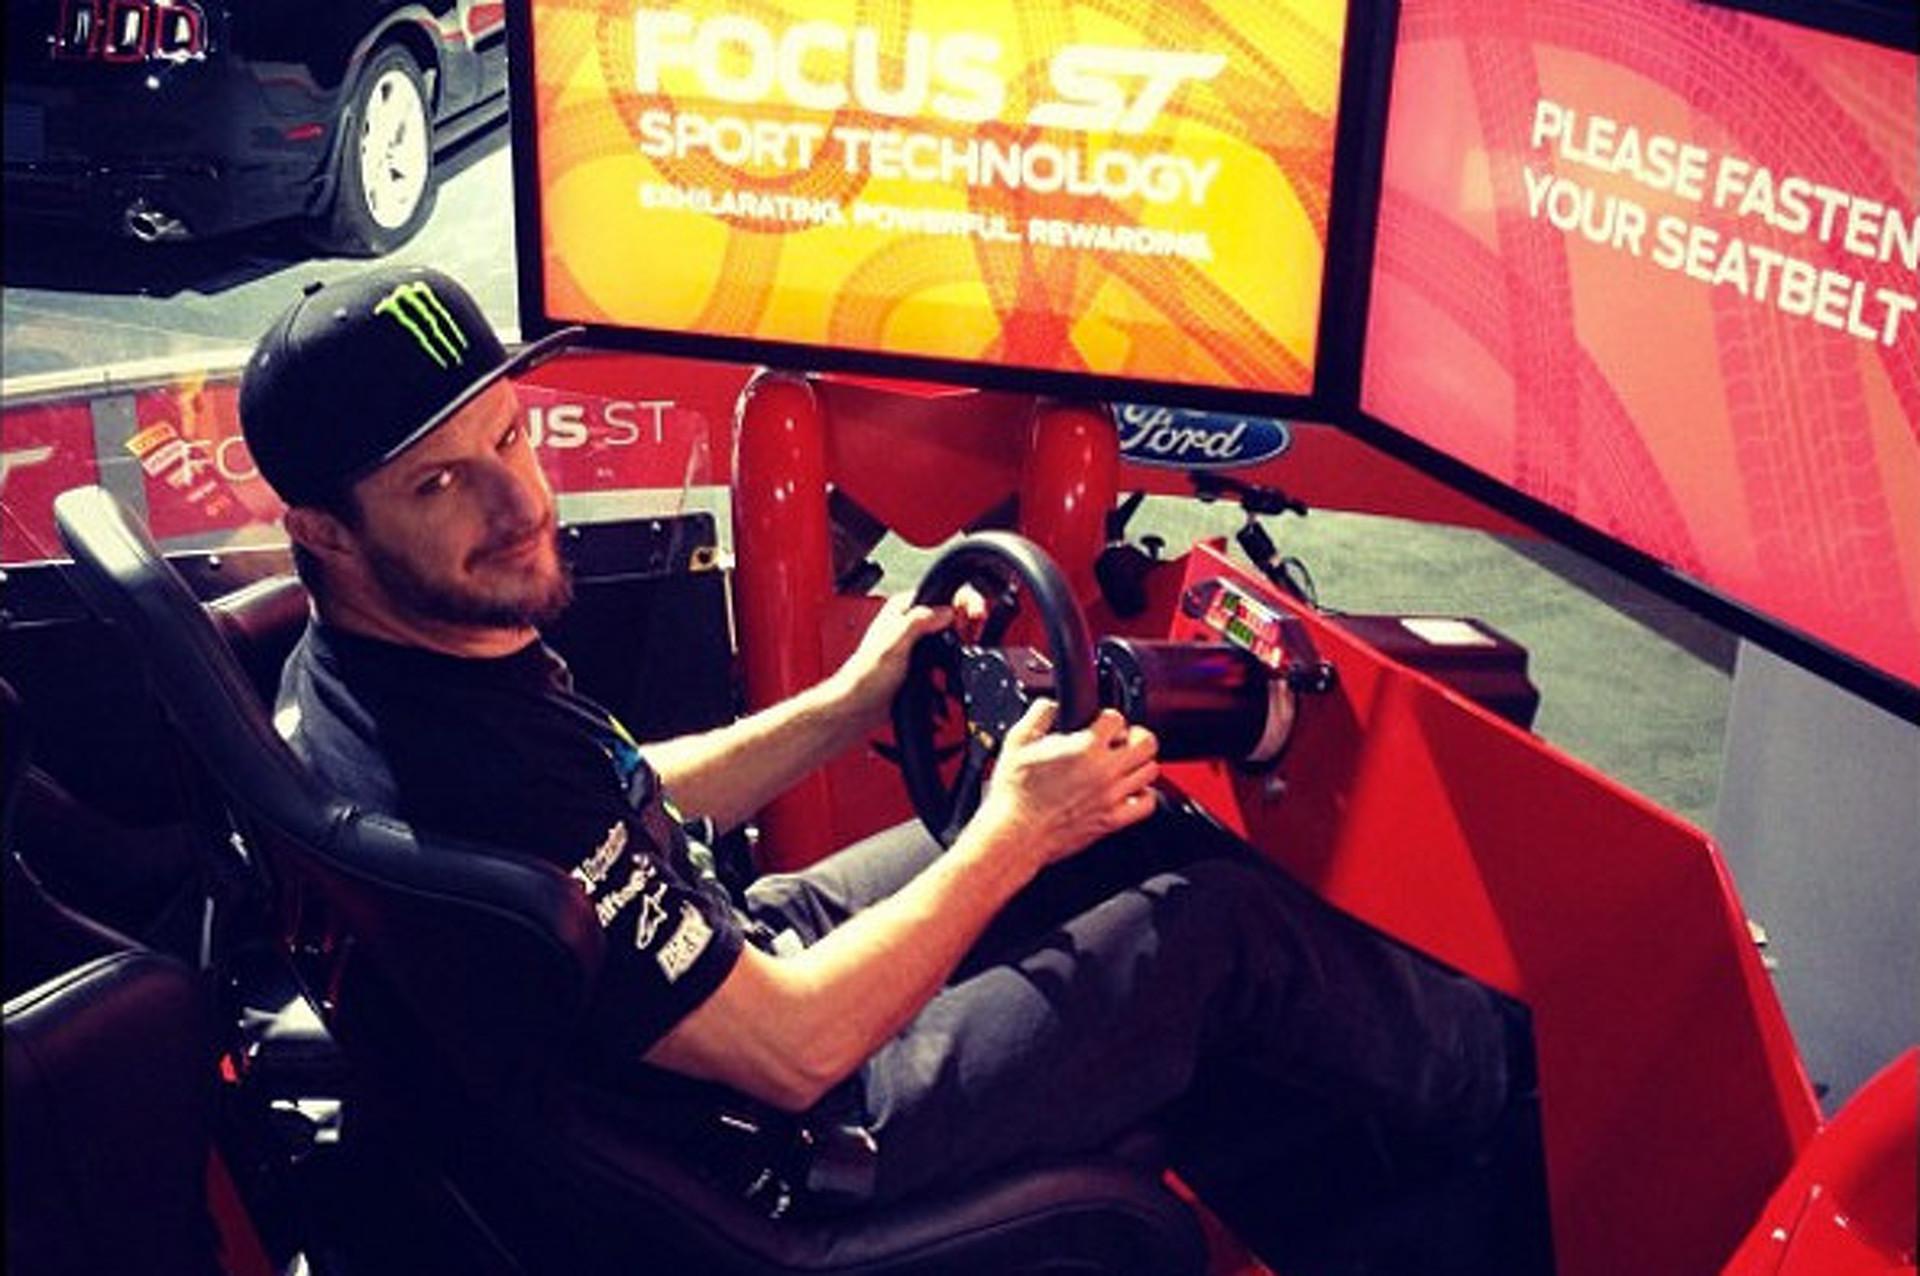 Ken Block Instagrammed In Focus ST Simulator, Rips Hole in Spacetime